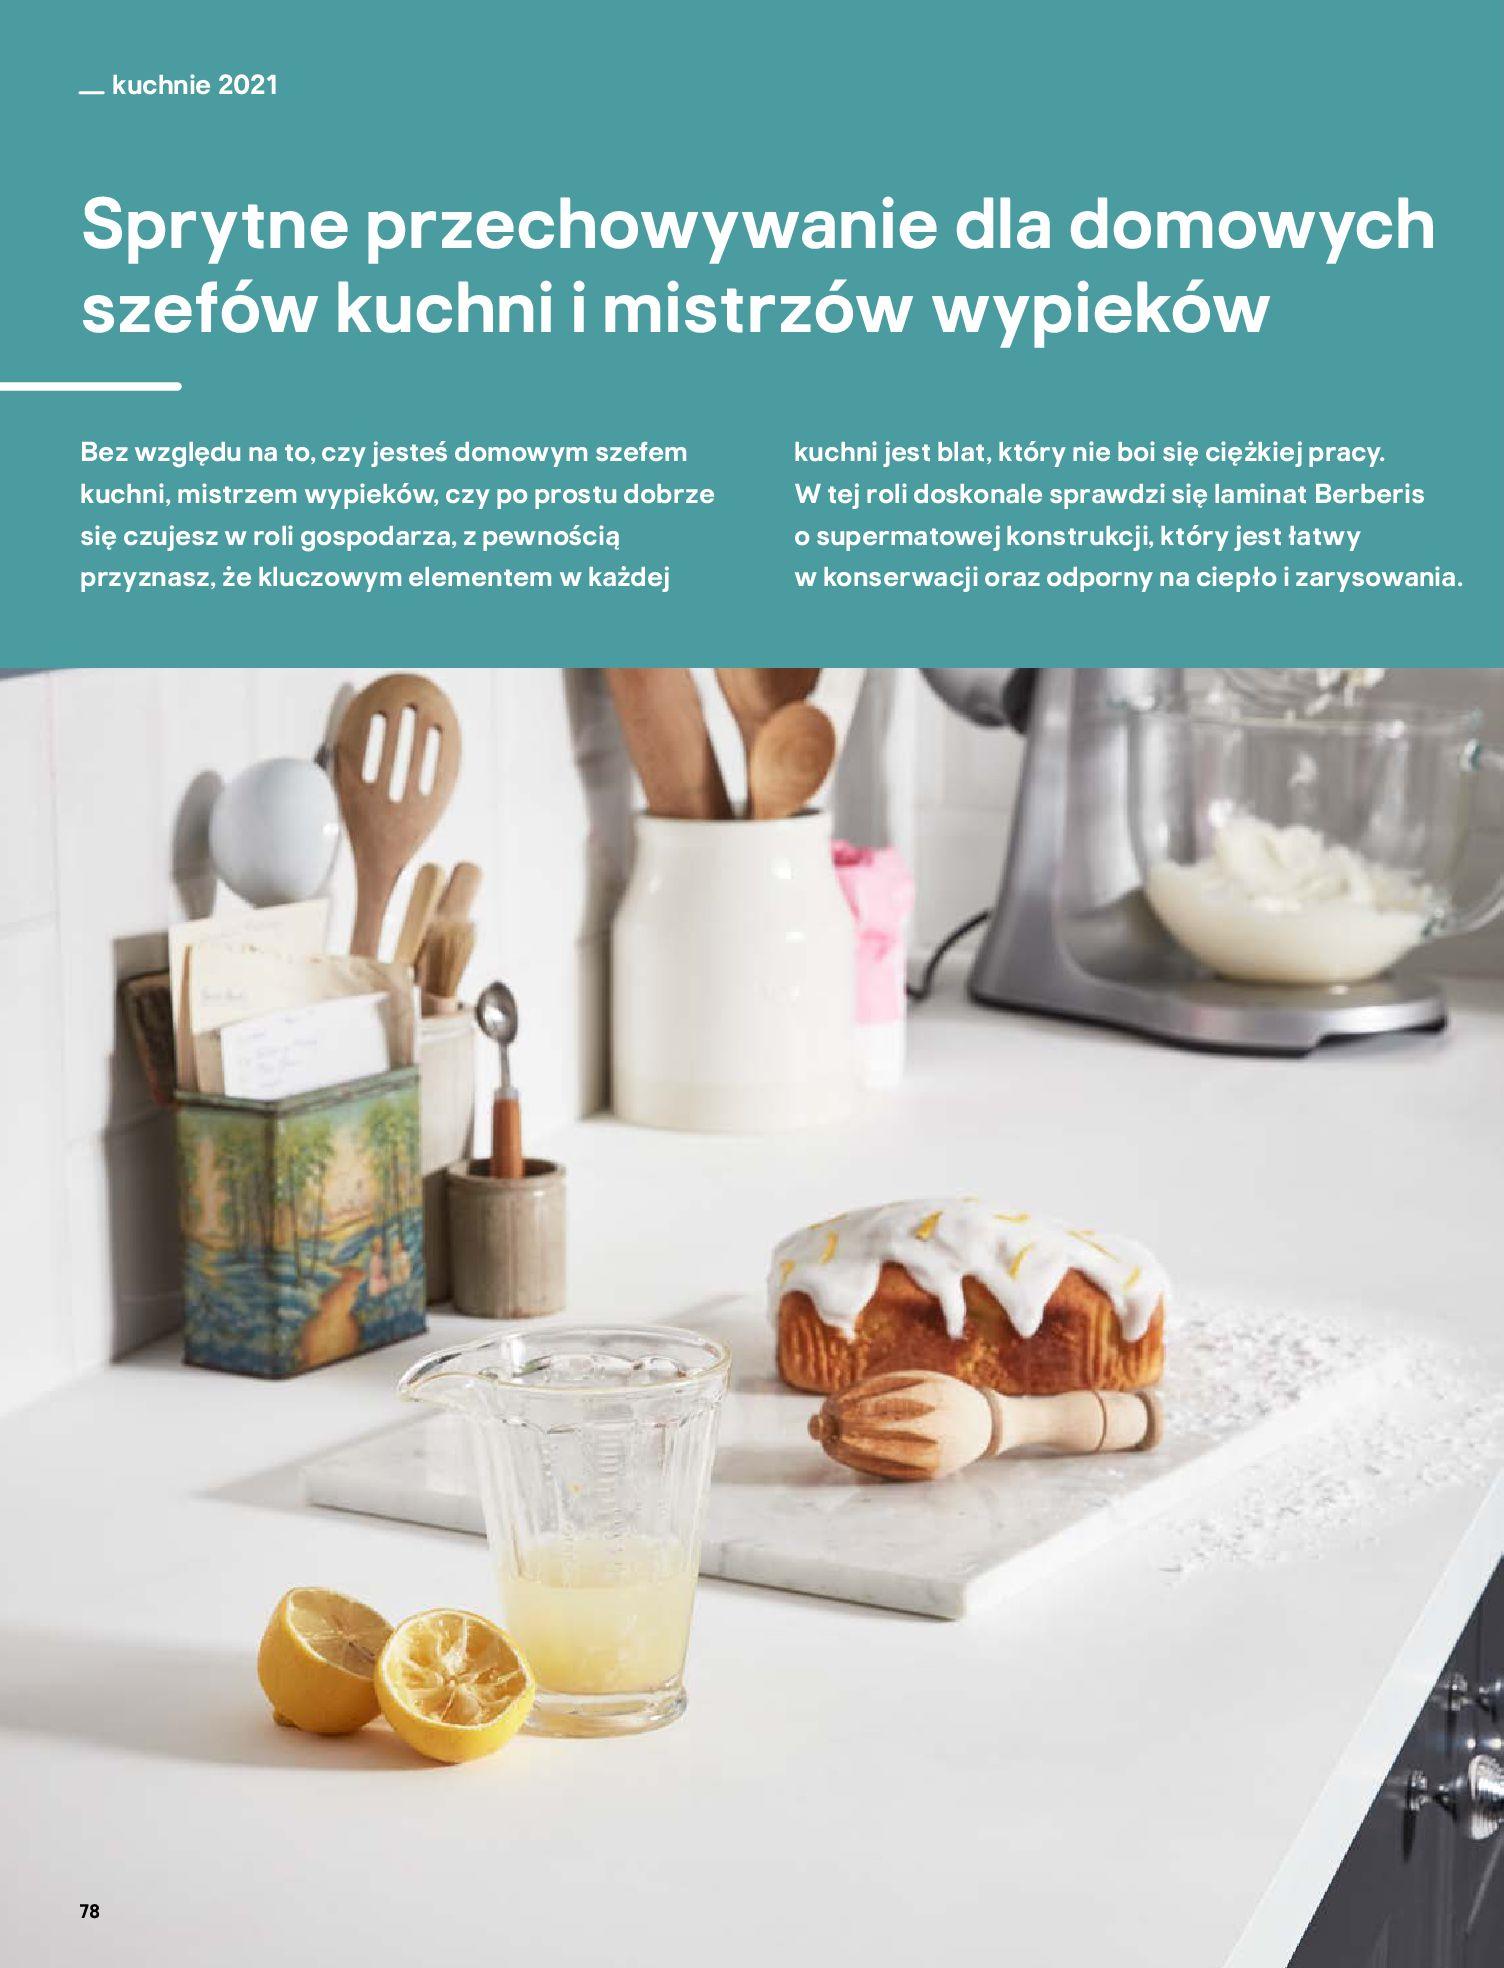 Gazetka Castorama: Katalog kuchnie 2021 2021-05-04 page-78